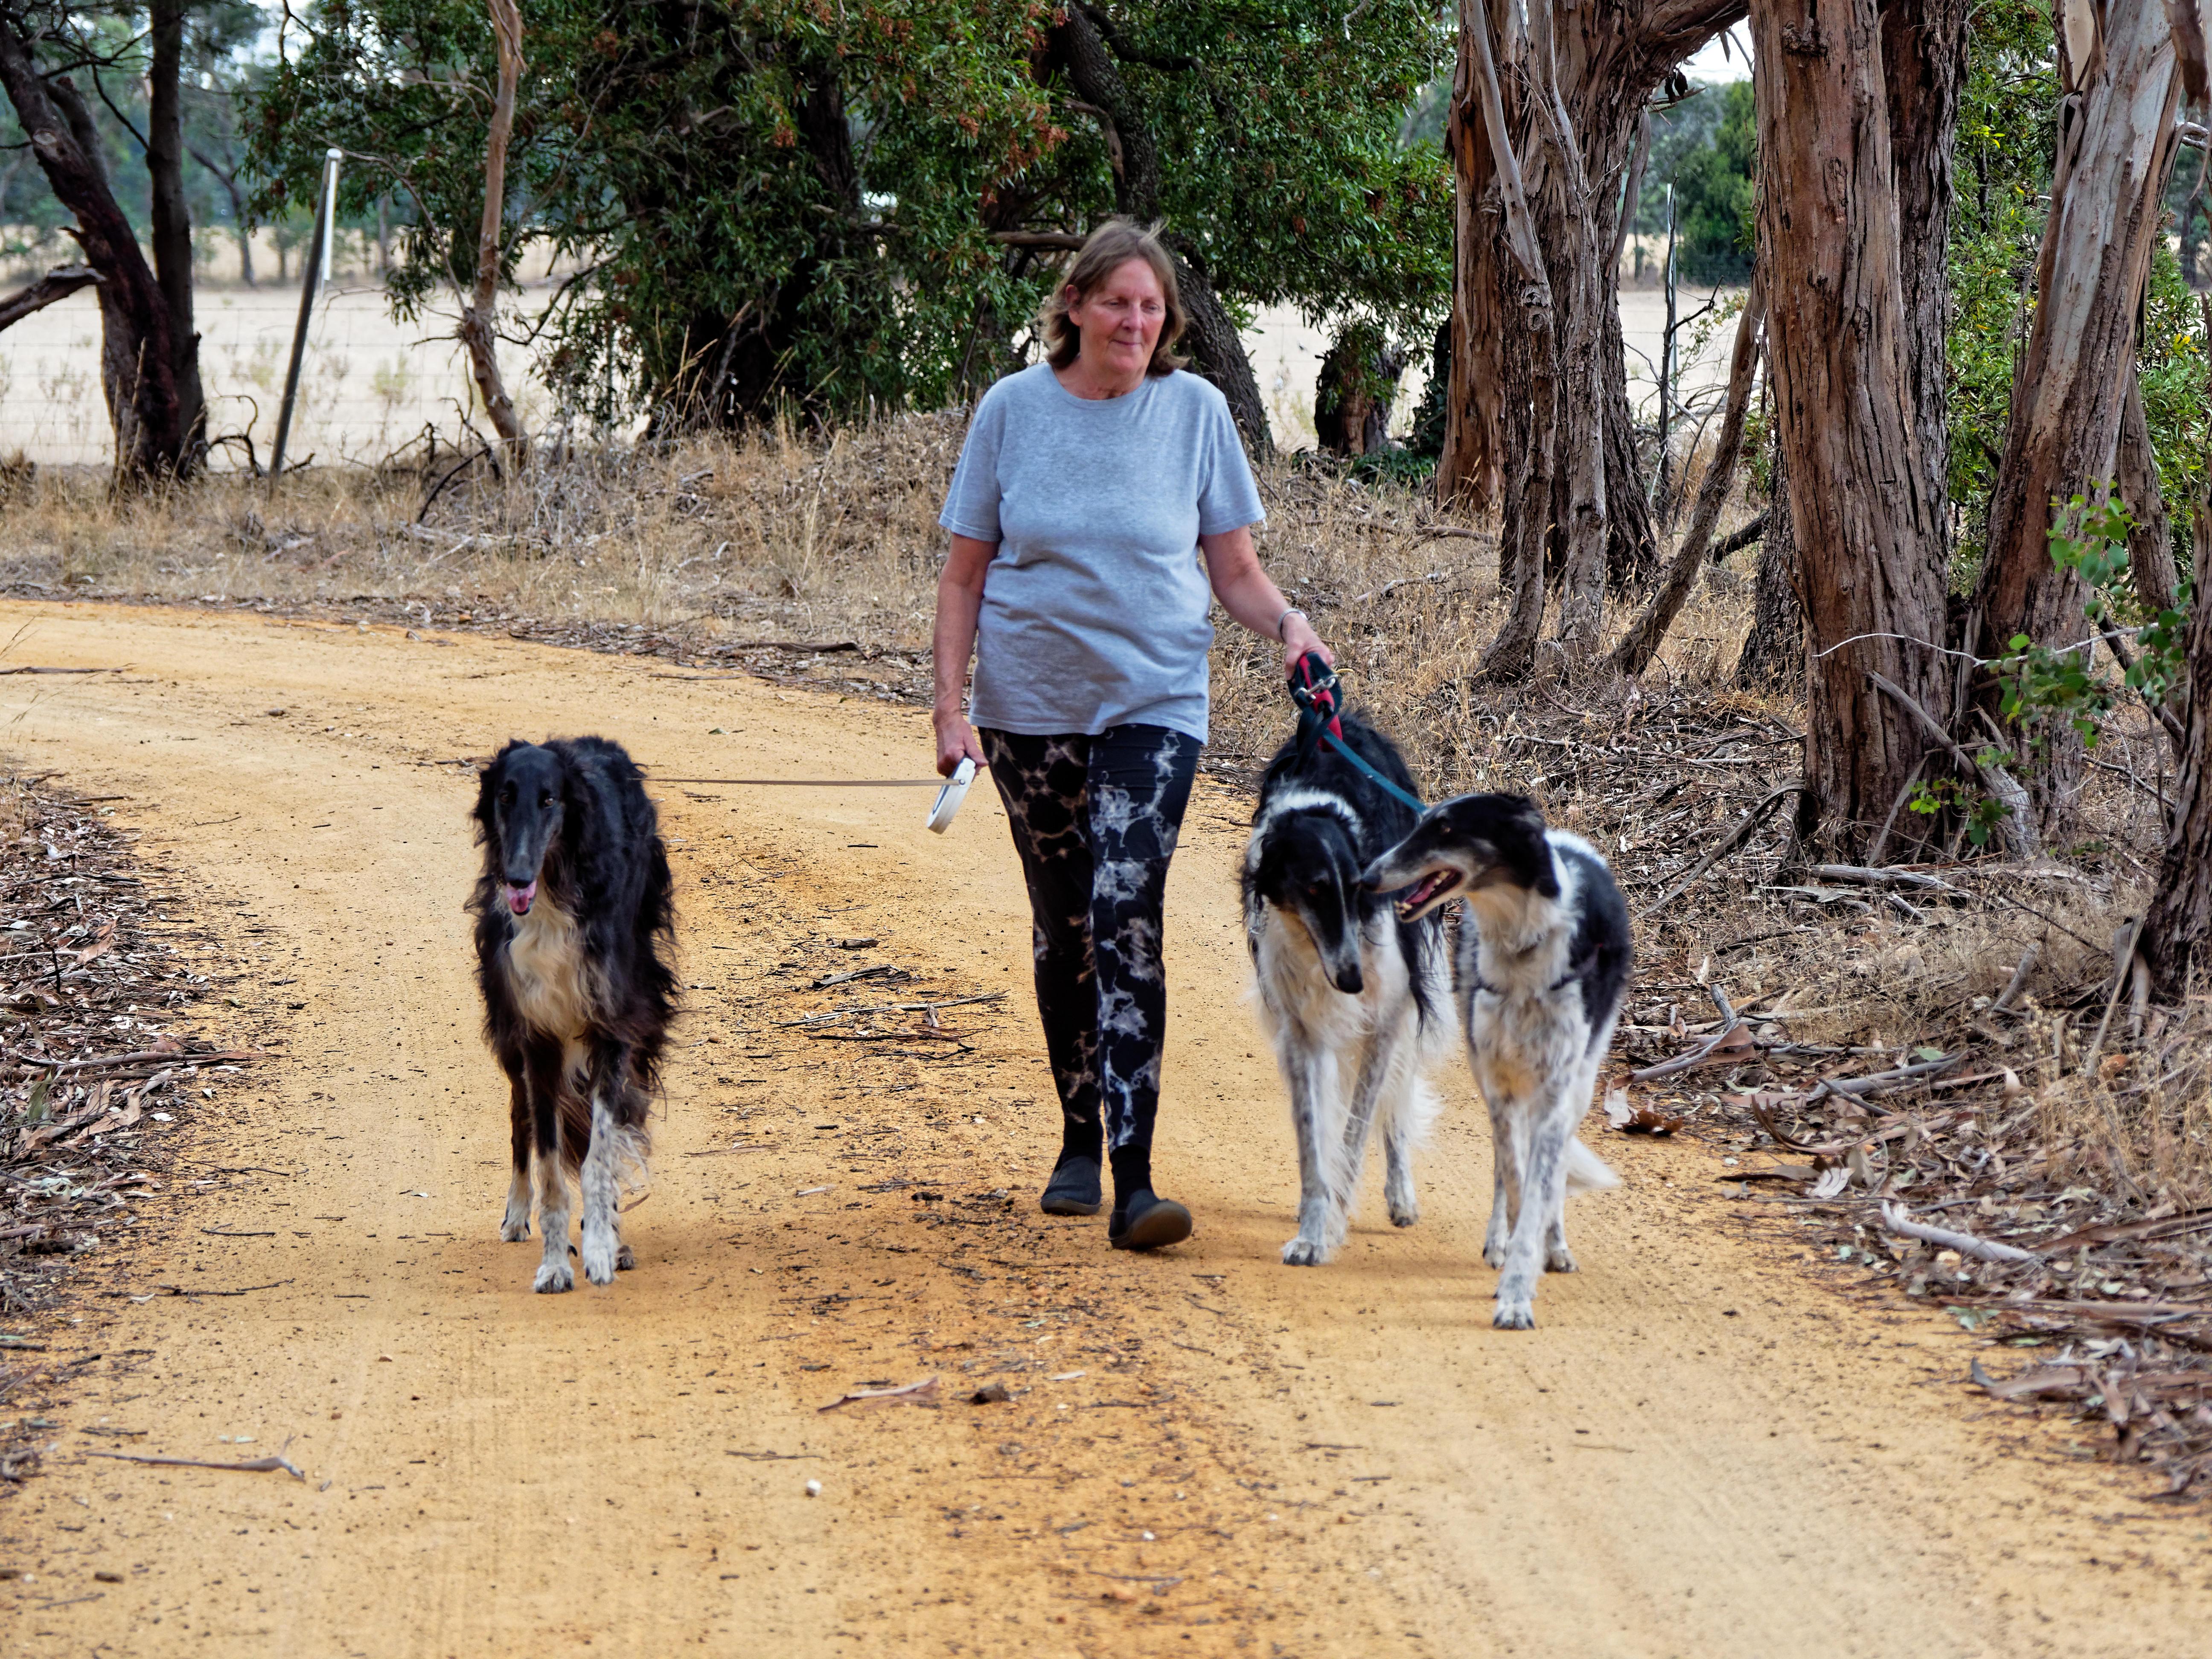 Walking-dogs-96.jpeg